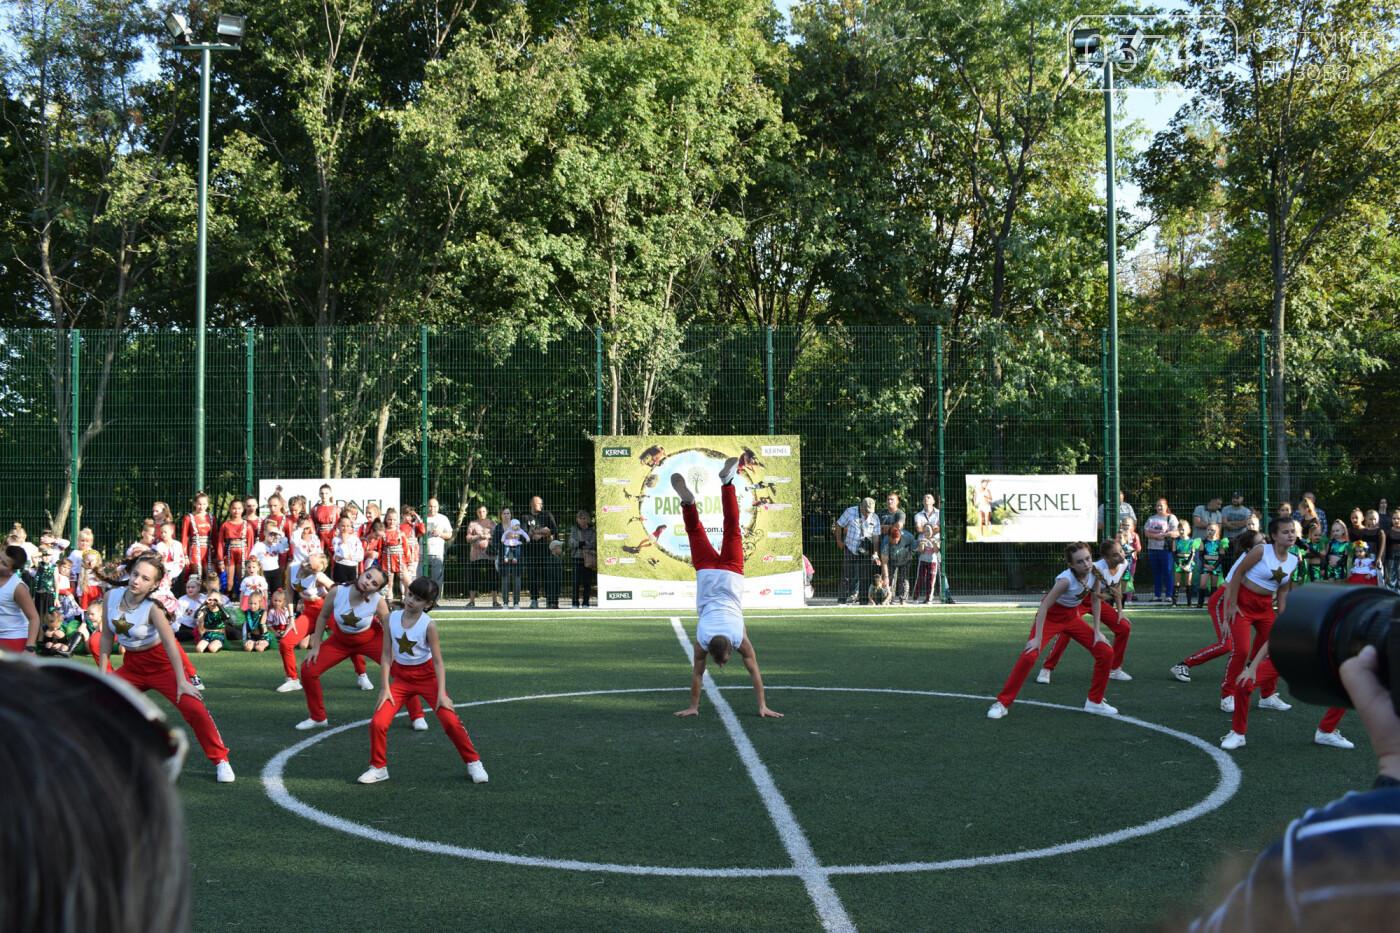 """Море драйва и зрелищ! В Лозовой состоялся первый спортивно-развлекательный фестиваль """"Park's Day"""", фото-10"""